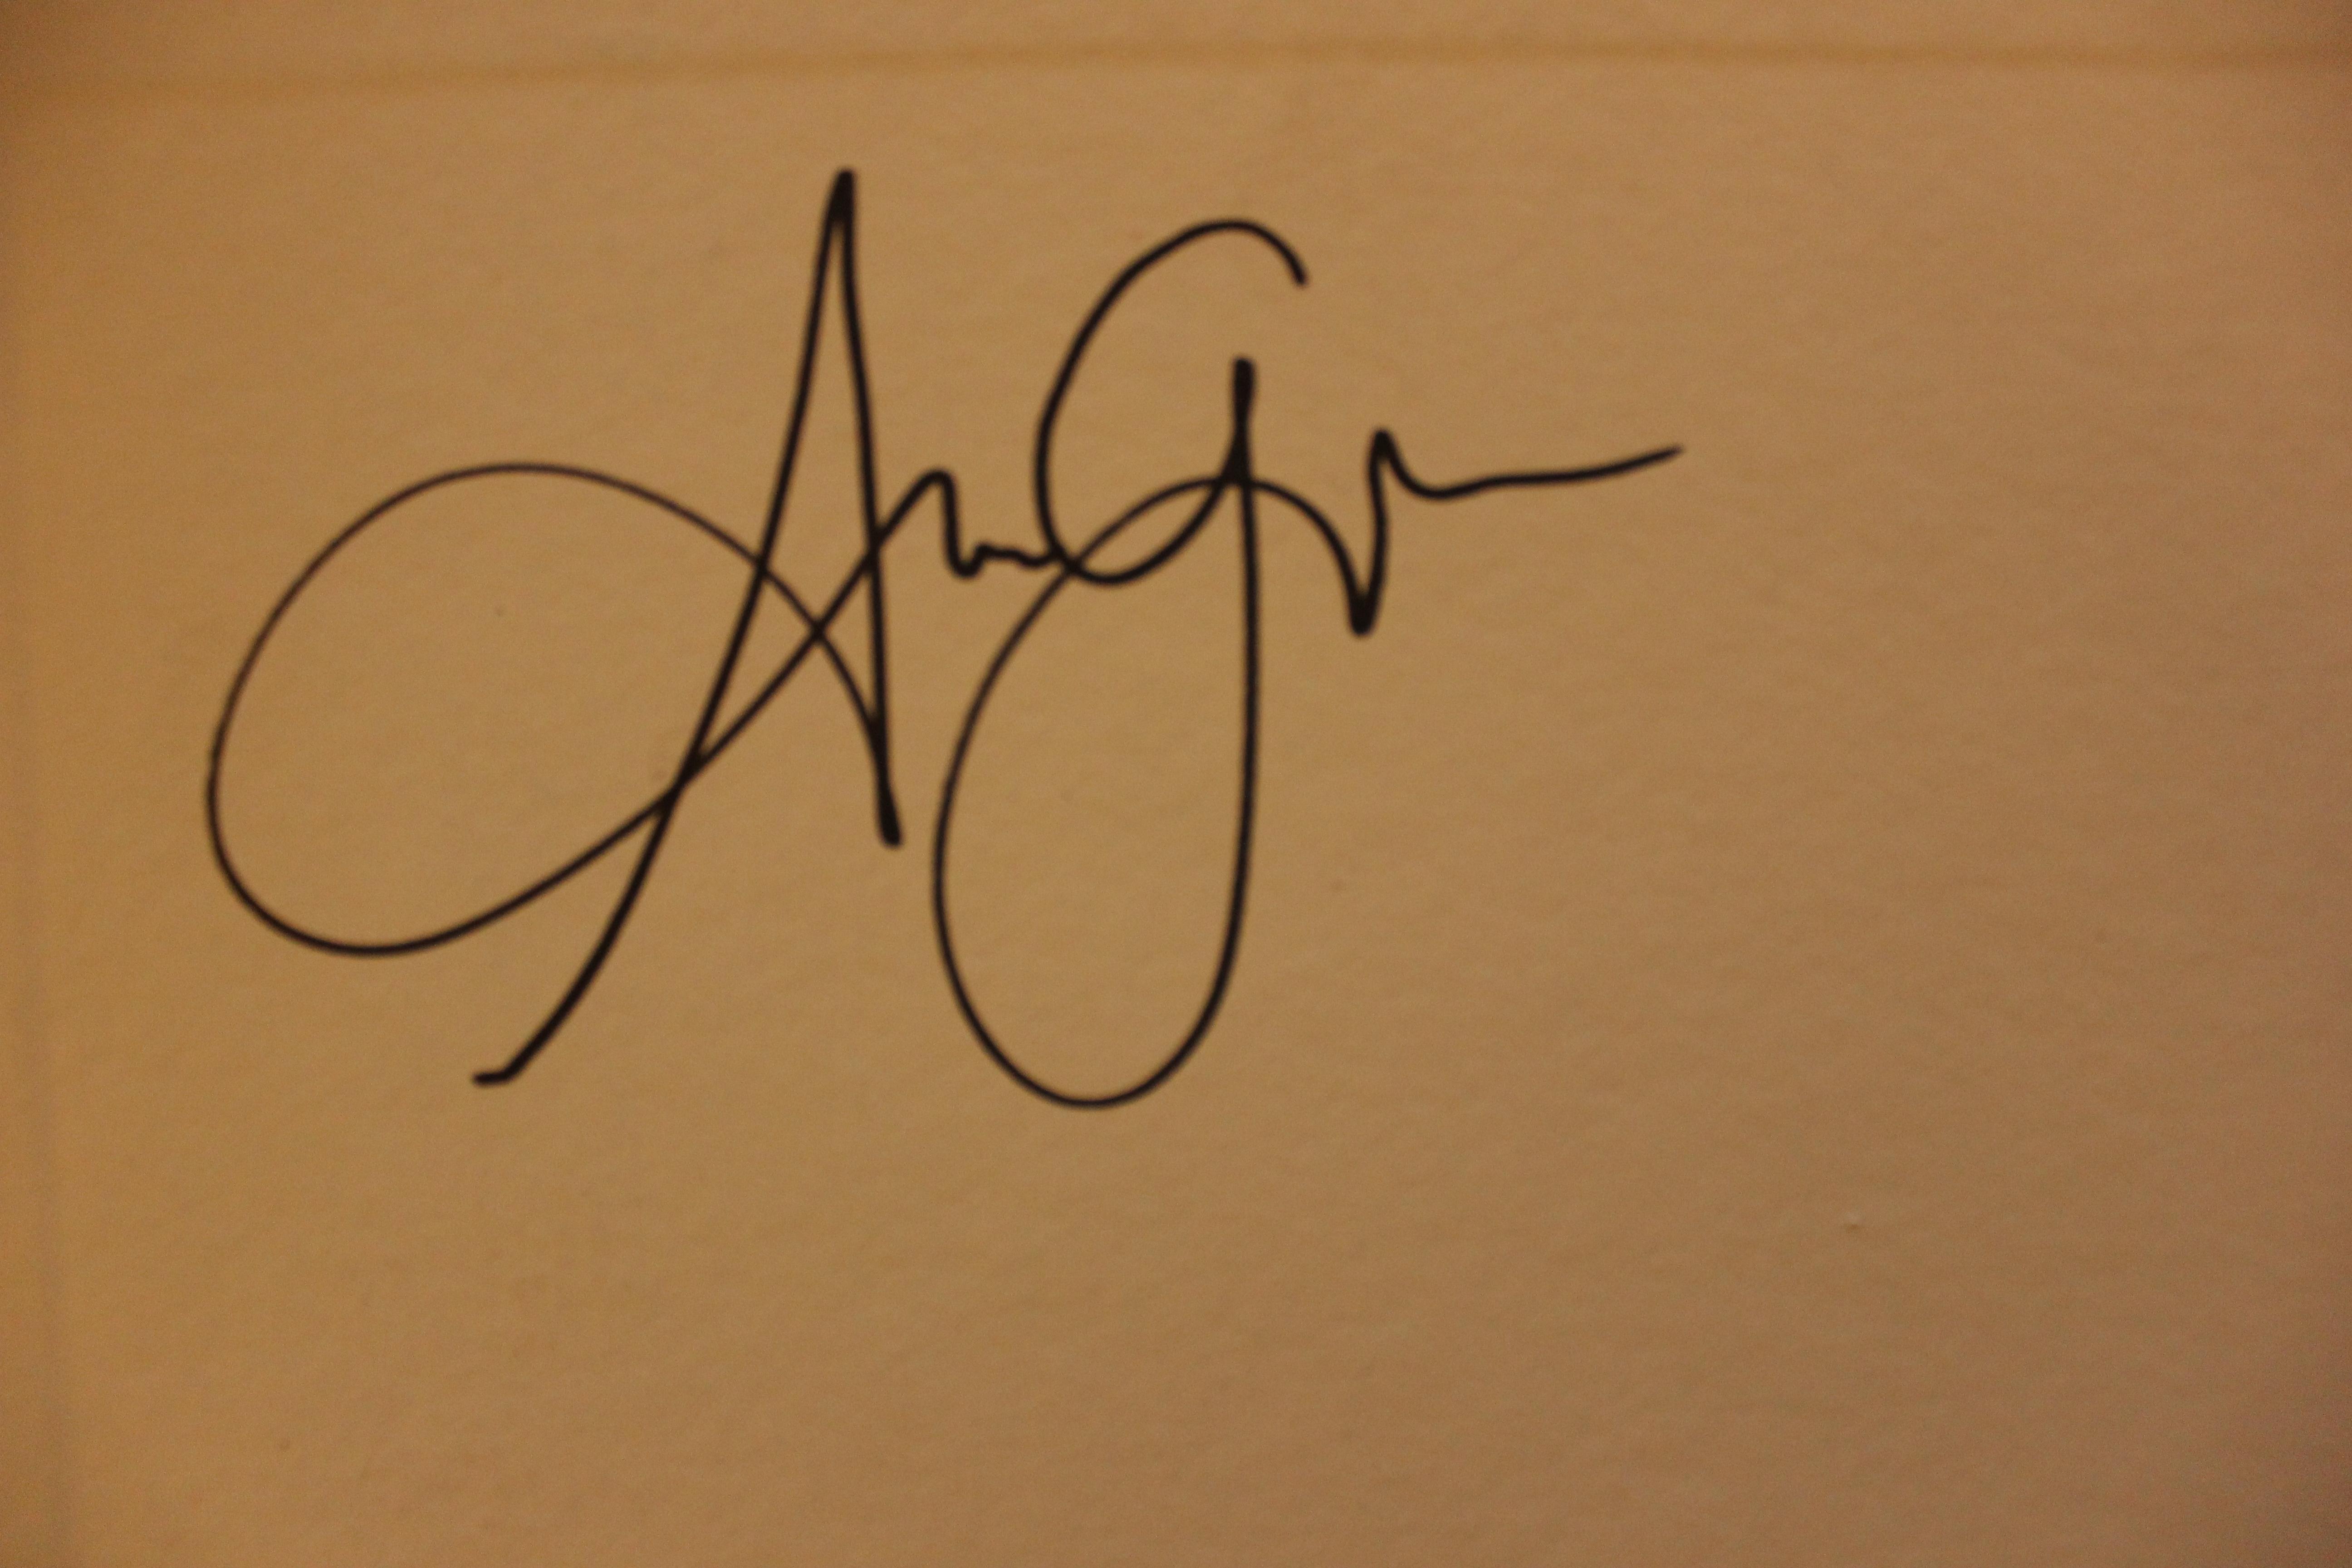 greg norbert Adotevi owondot's Signature